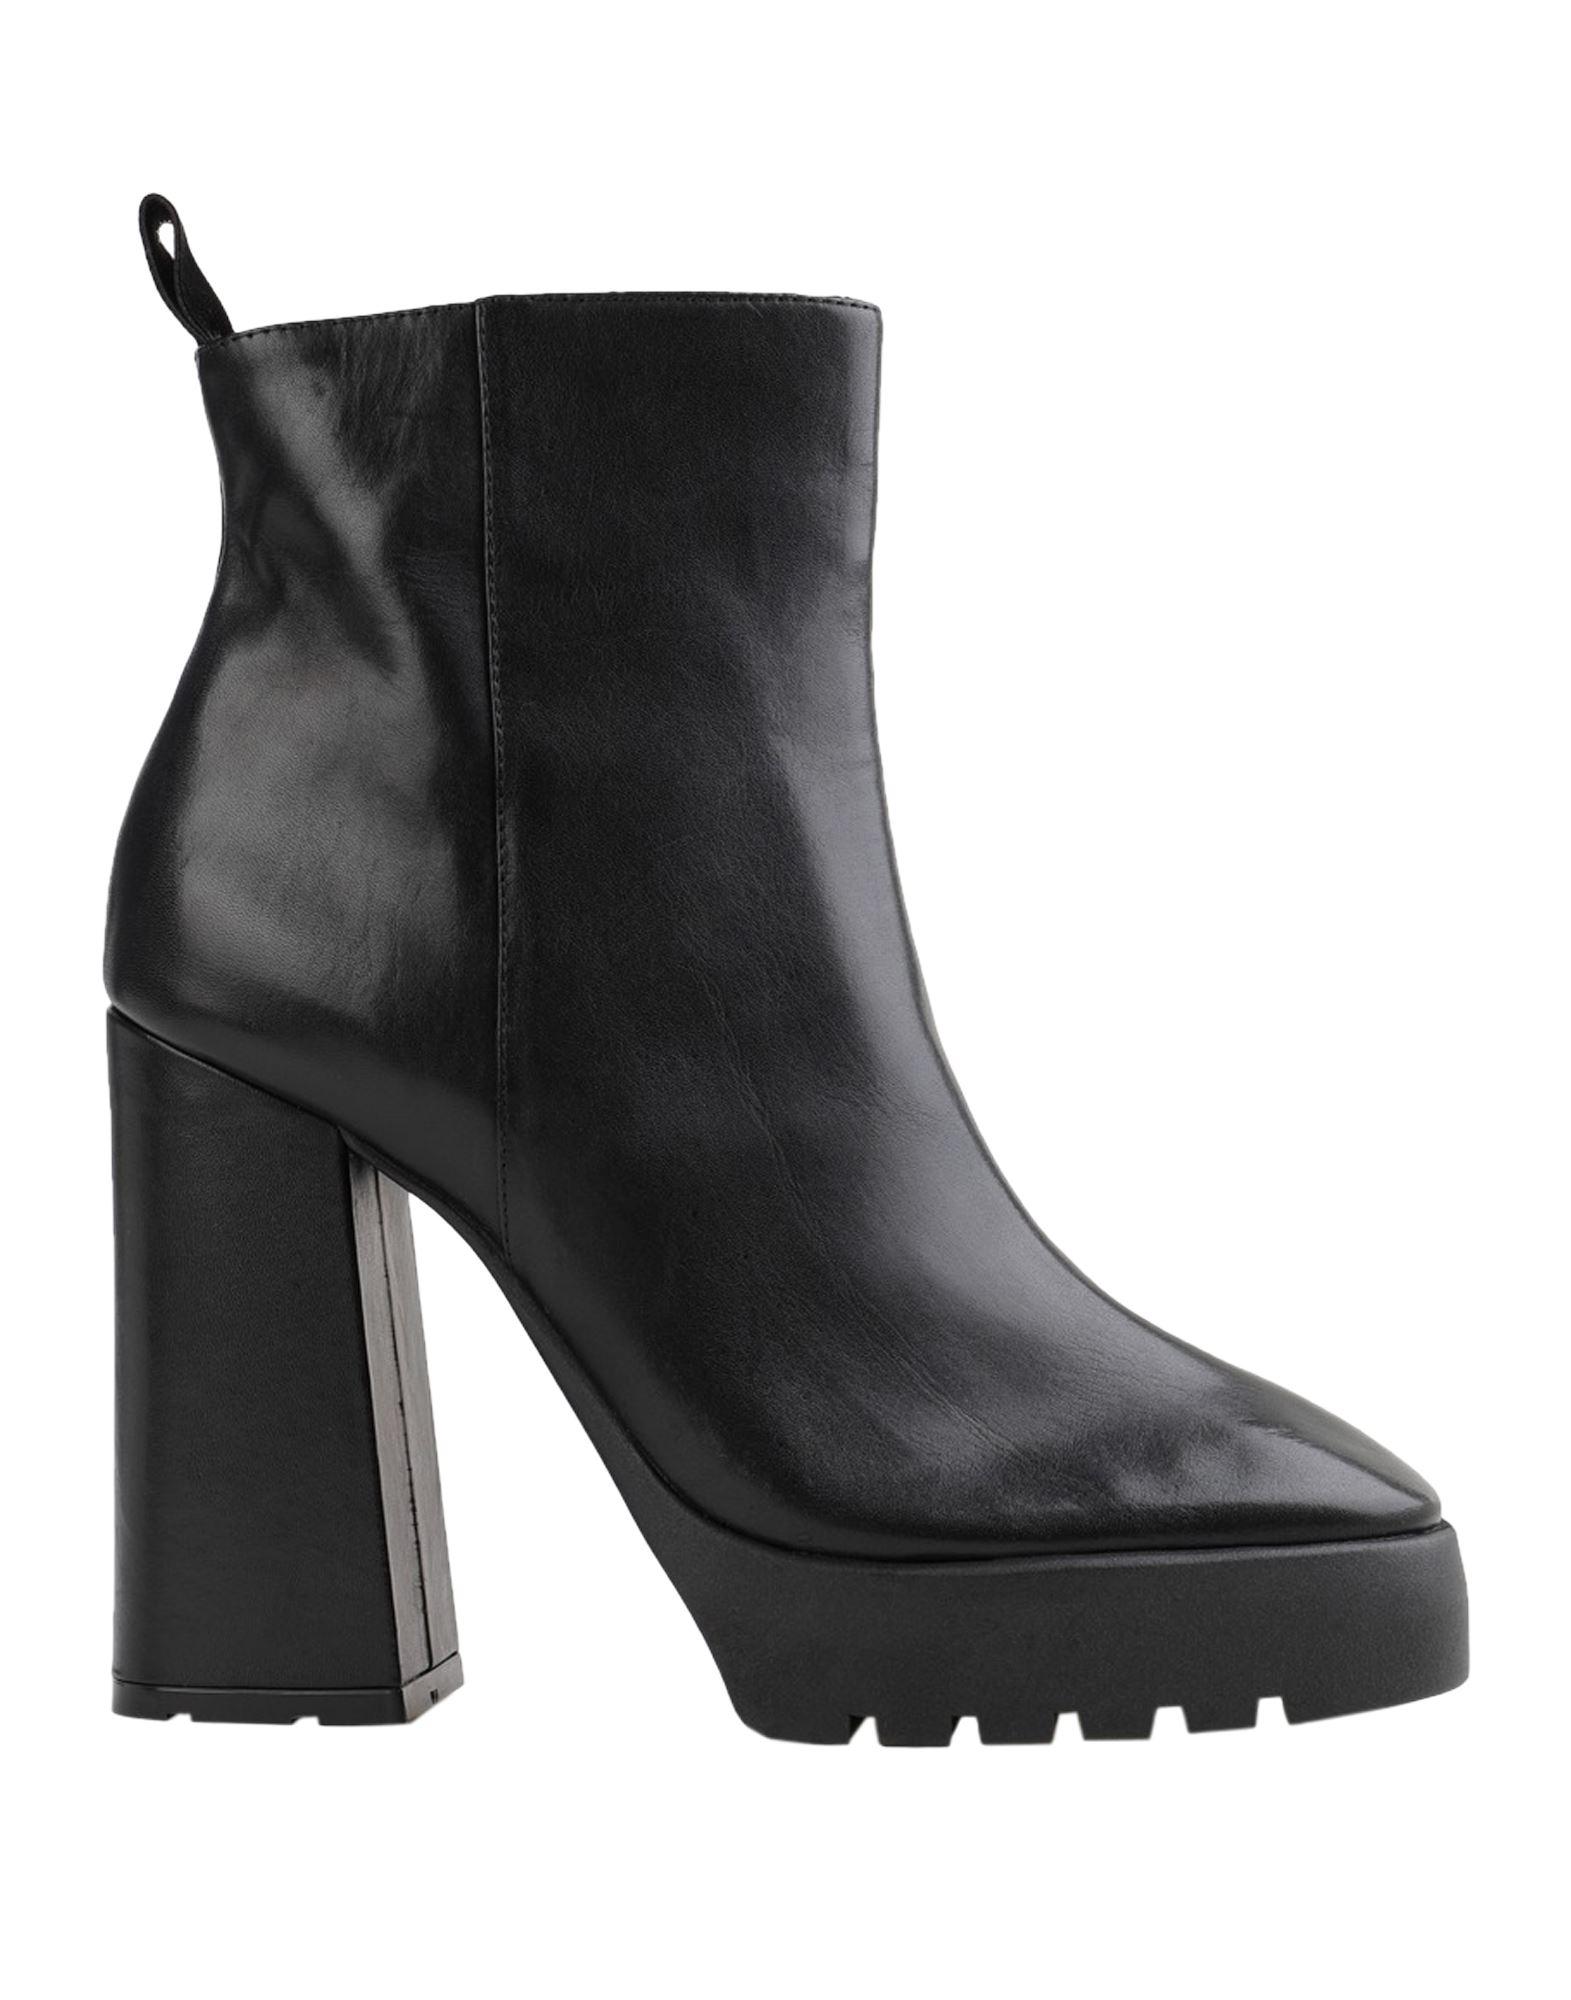 Фото - SCHUTZ Полусапоги и высокие ботинки schutz полусапоги и высокие ботинки